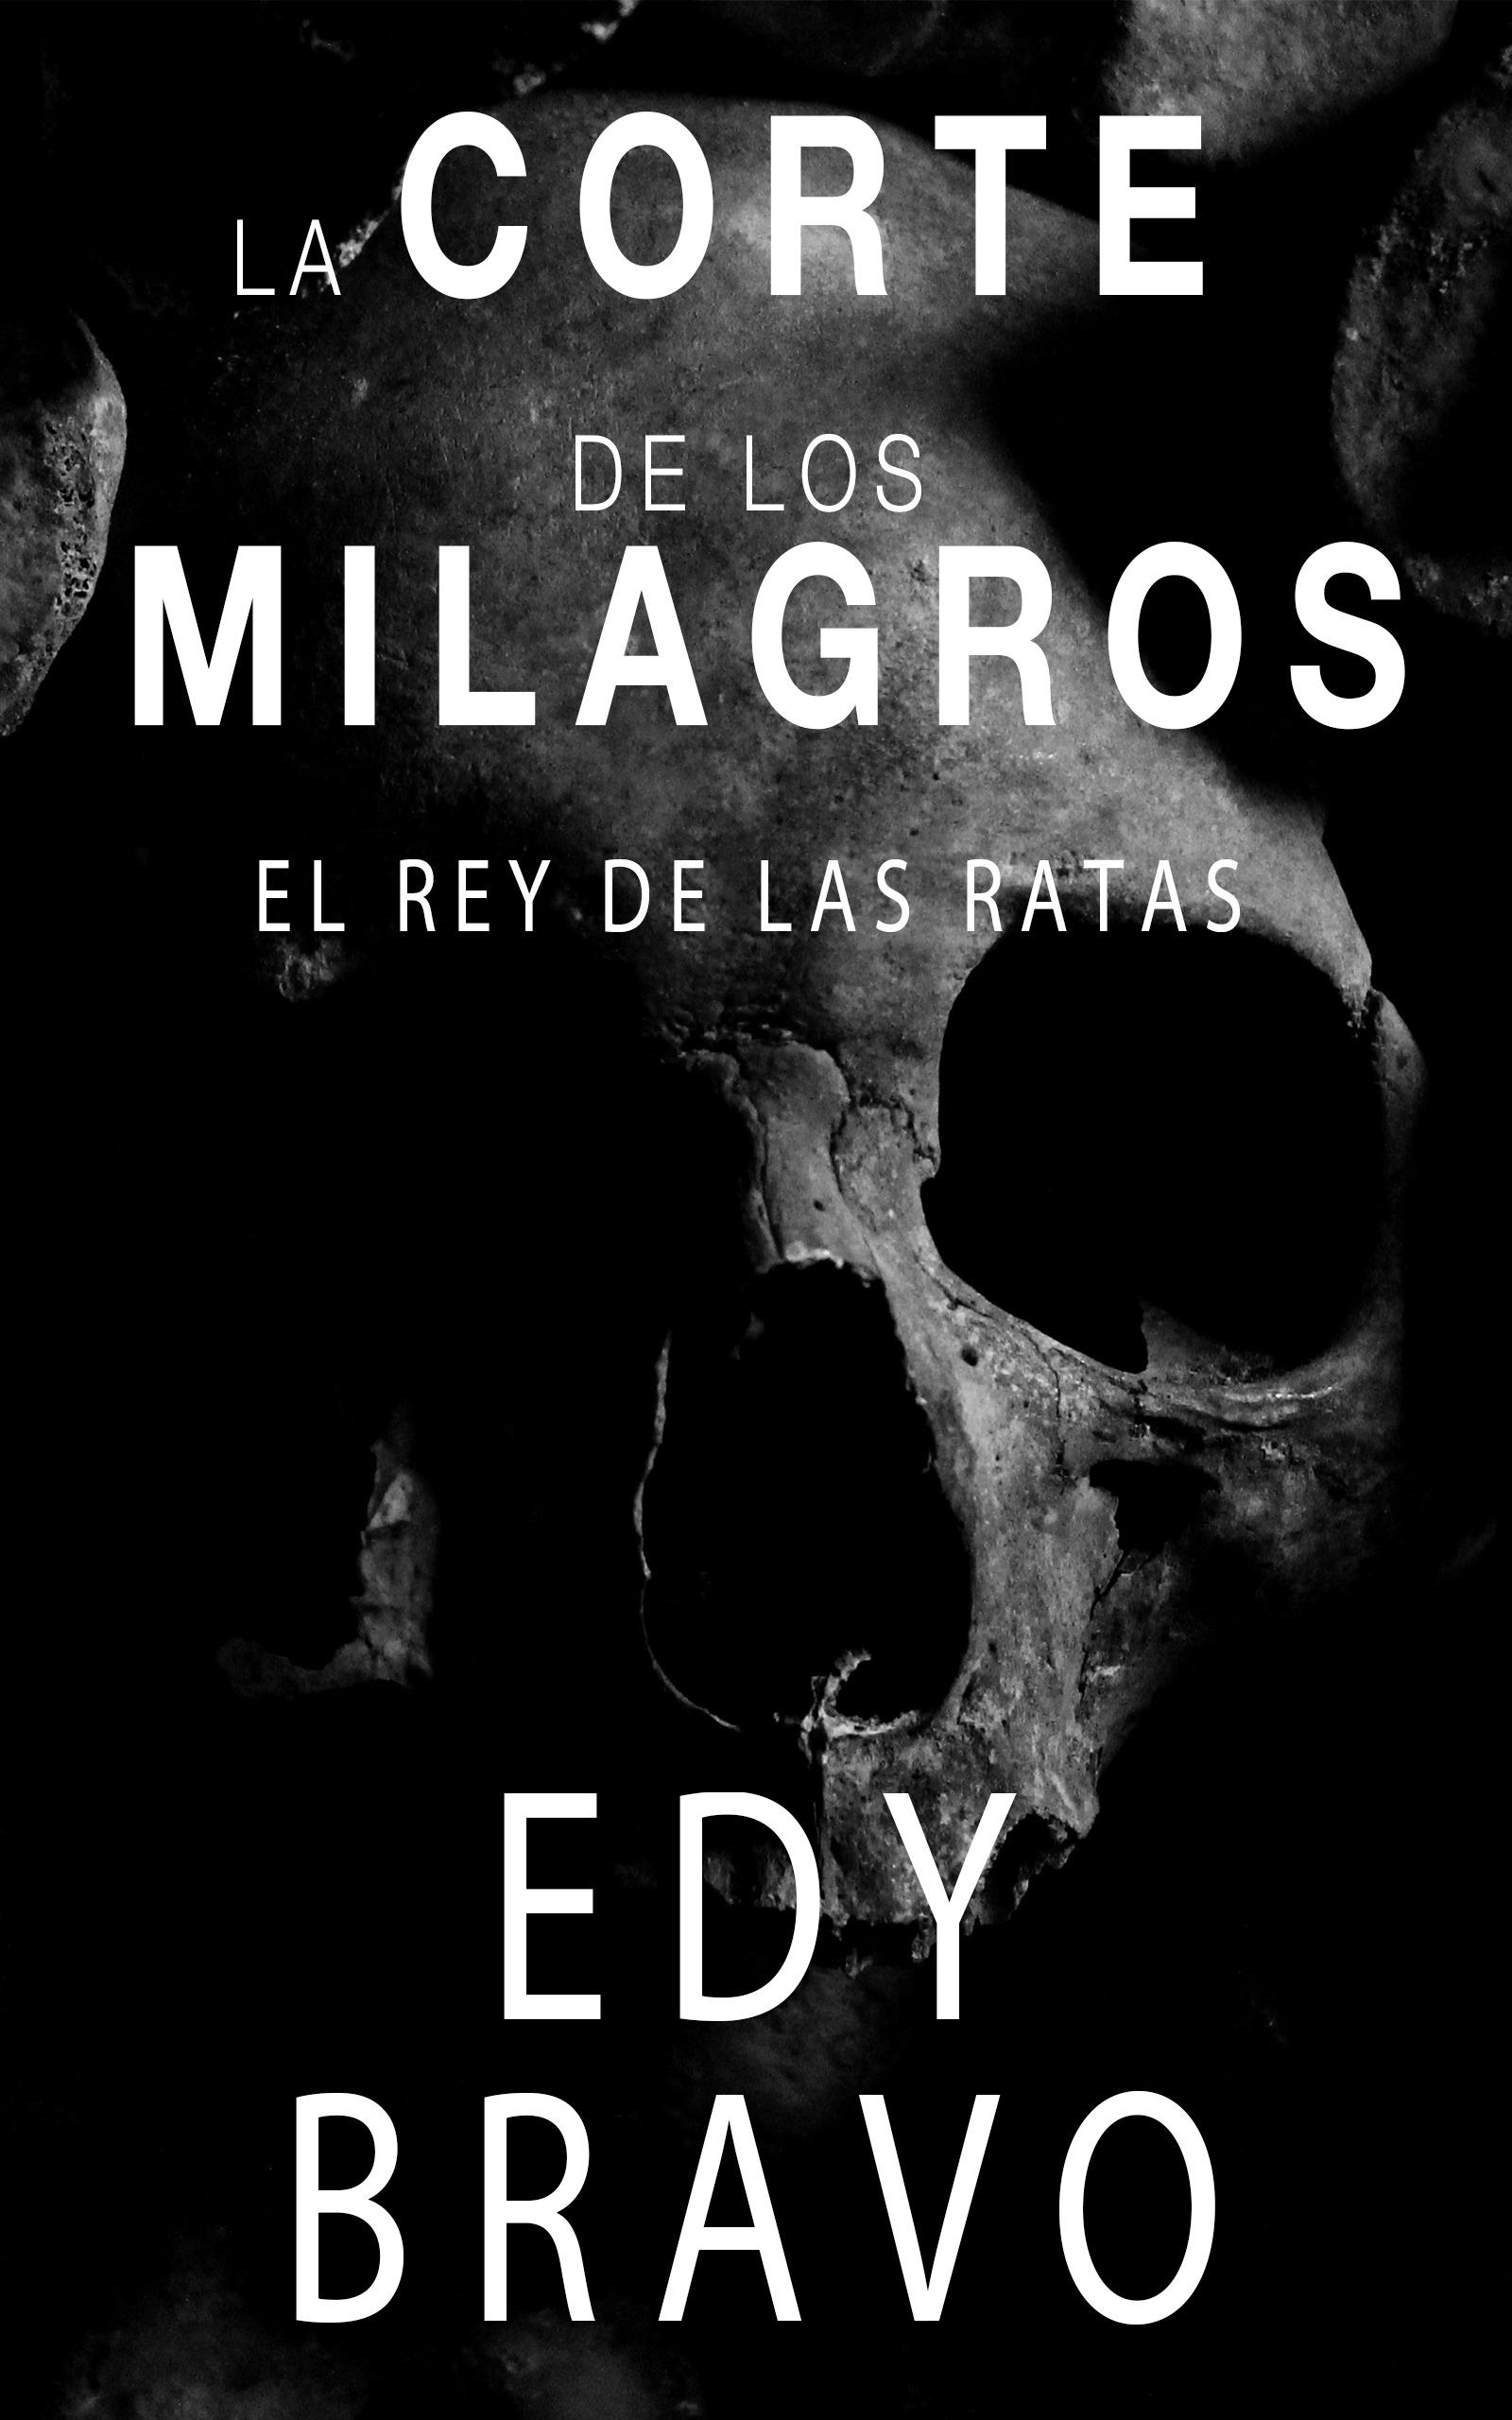 La corte de los milagros una novela de Edy Bravo